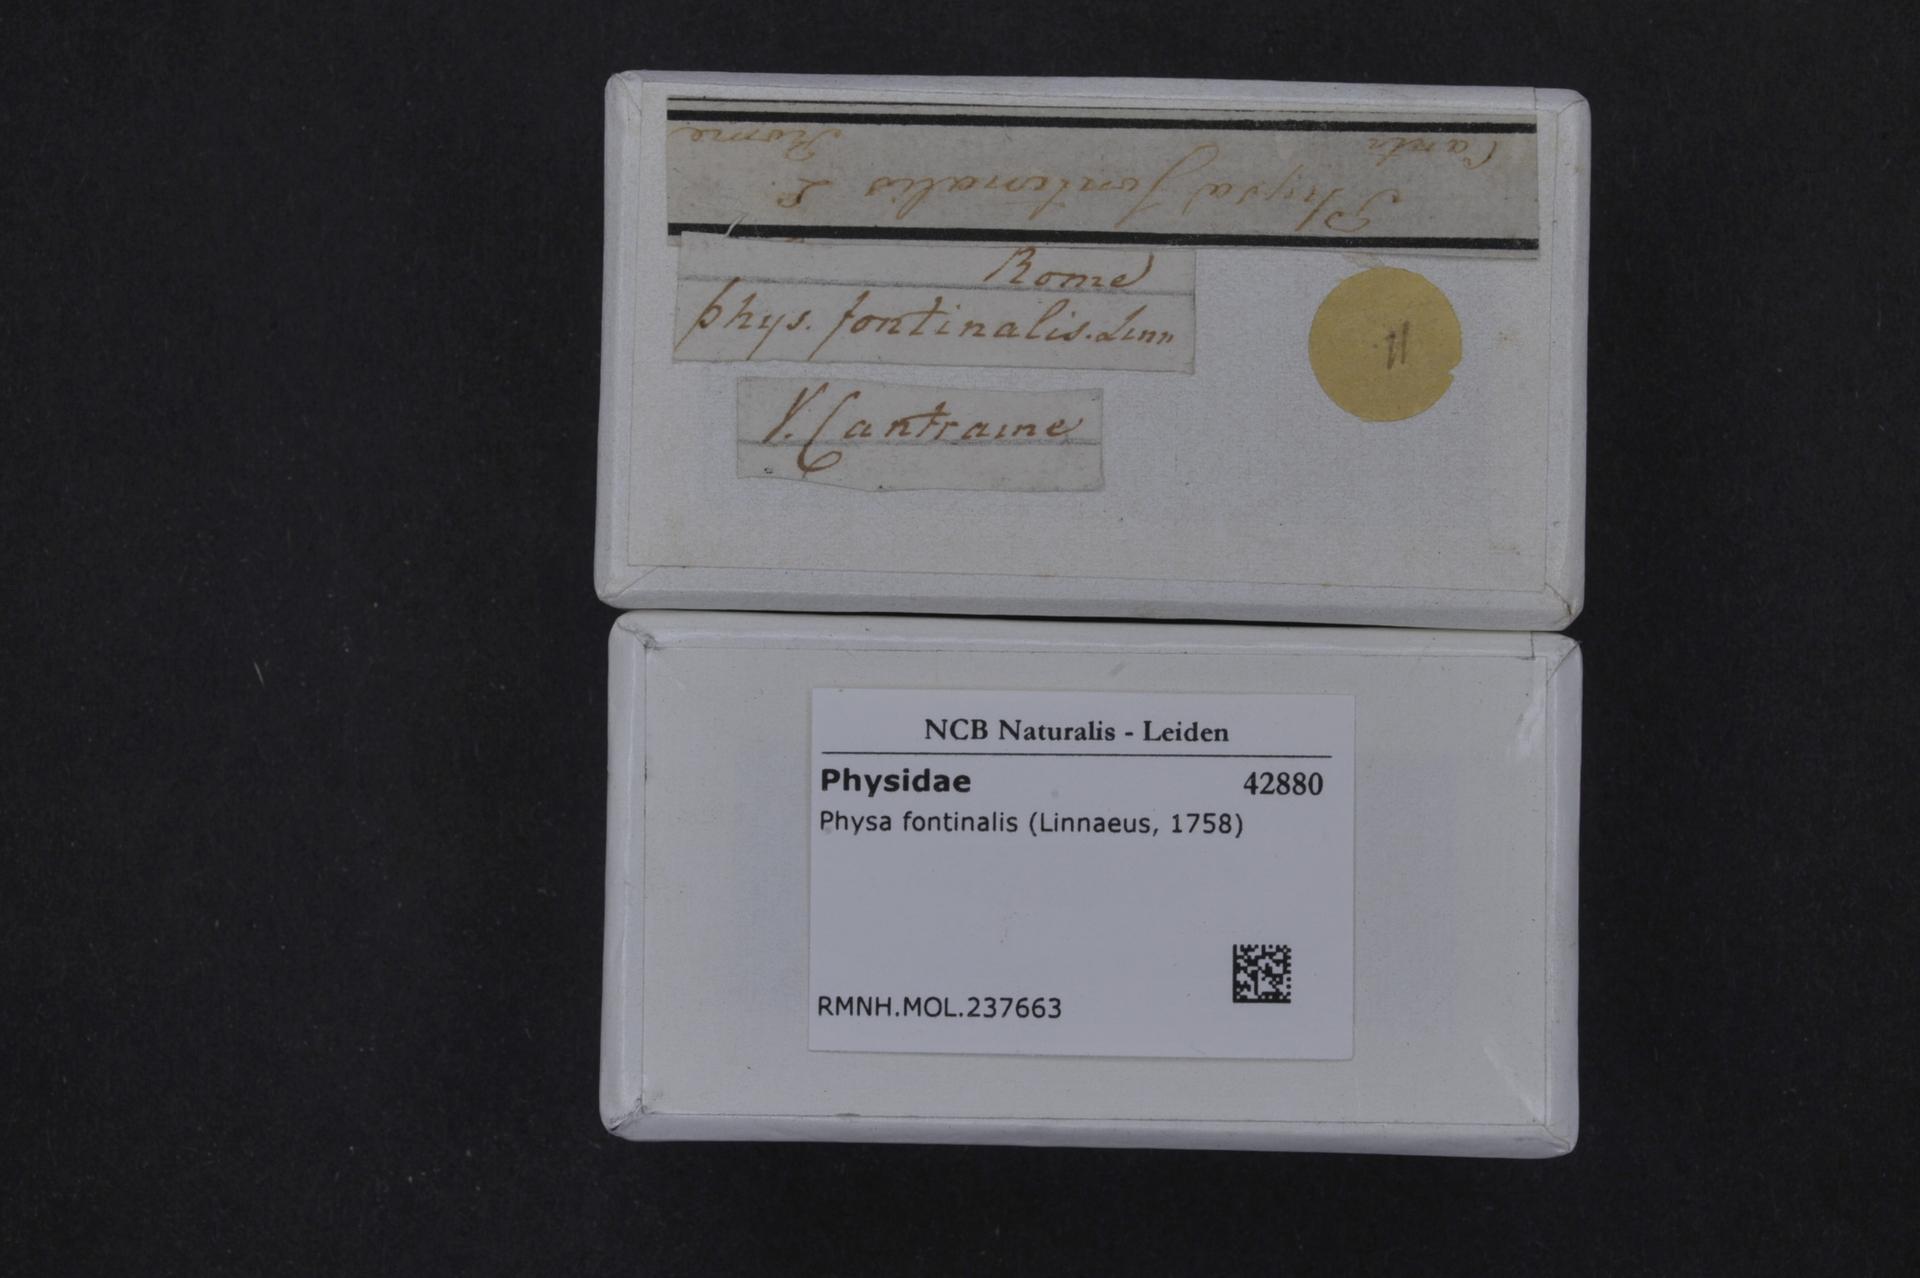 RMNH.MOL.237663 | Physa fontinalis (Linnaeus, 1758)